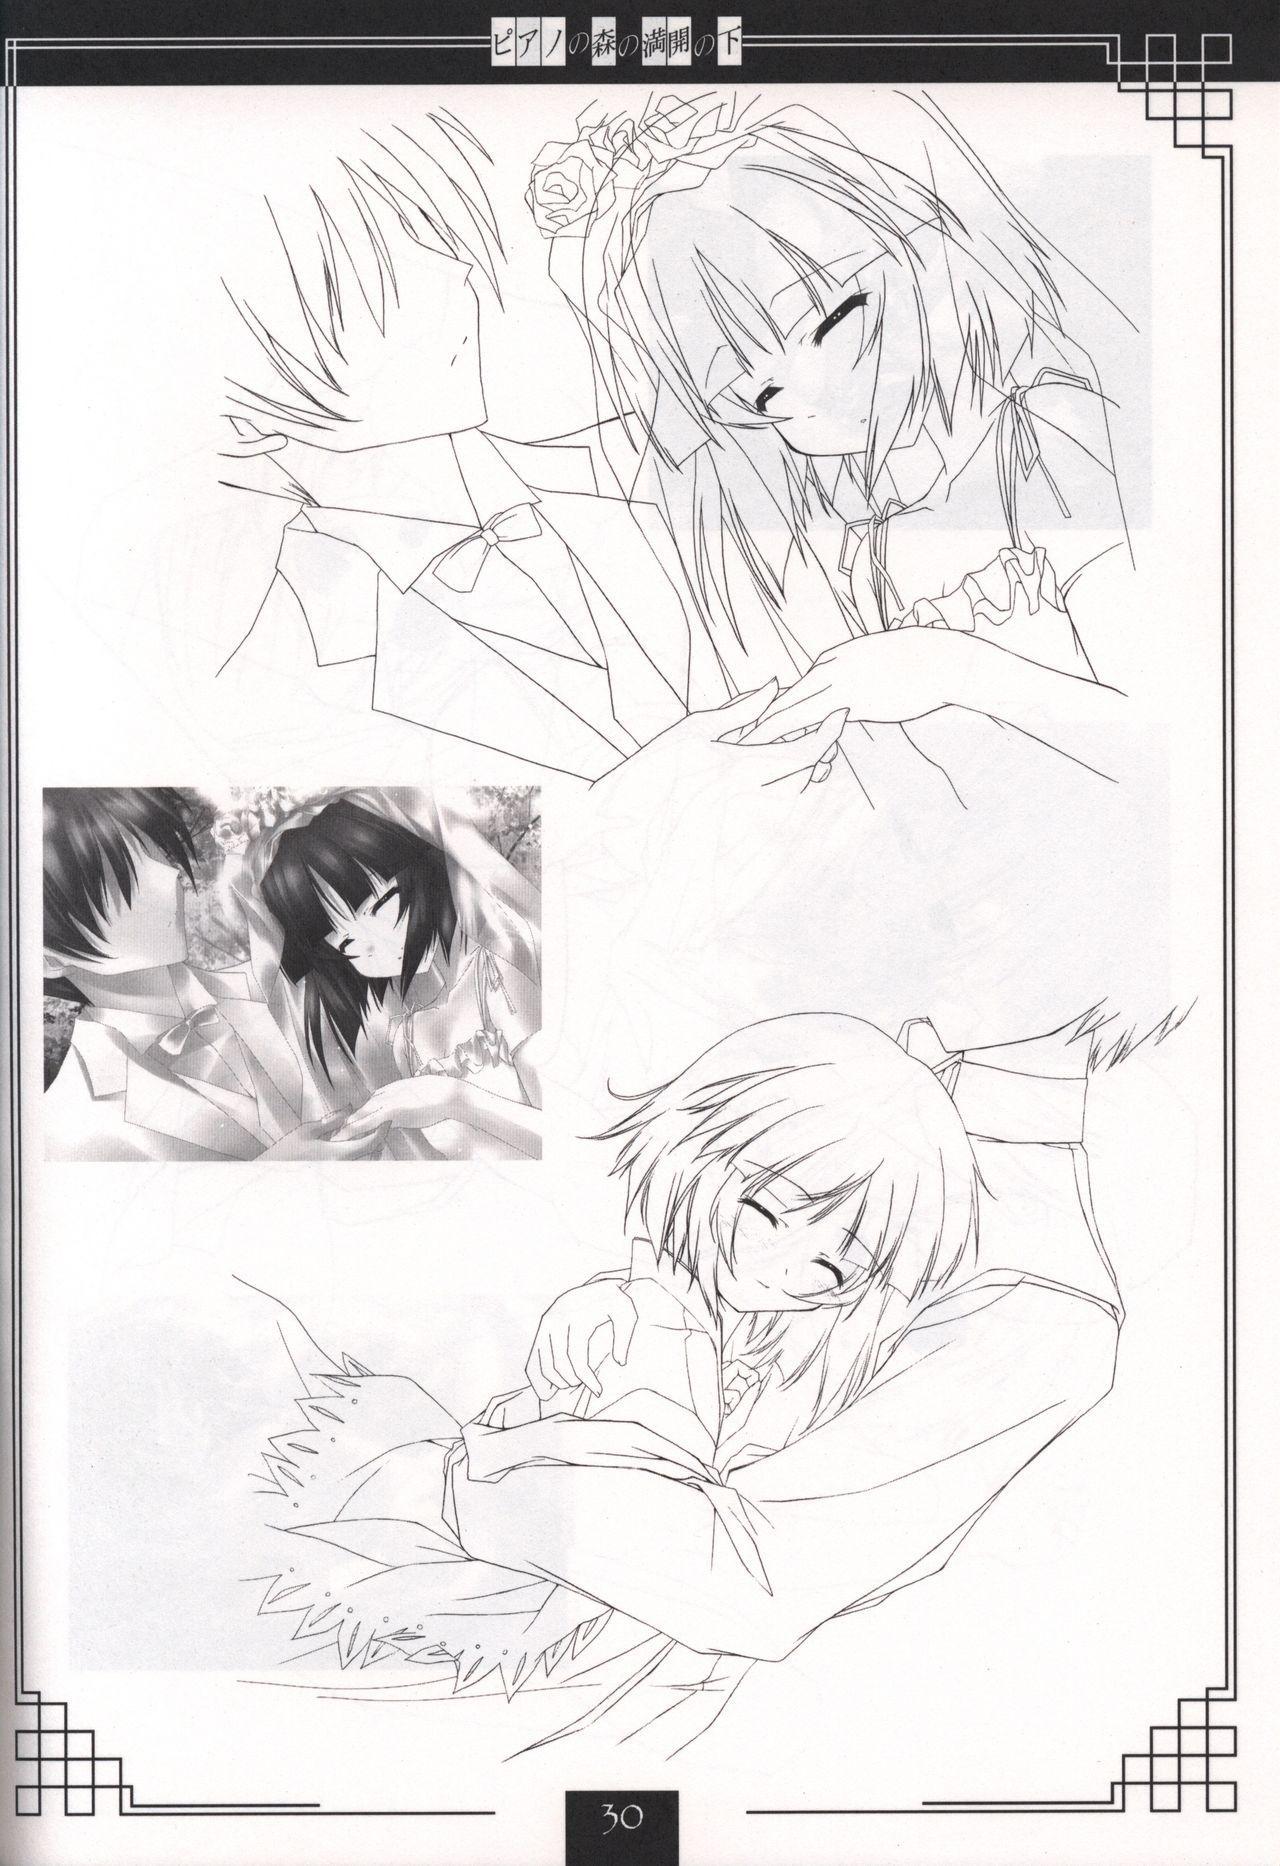 Piano no Mori no Mankai no Shita illustration art book 28